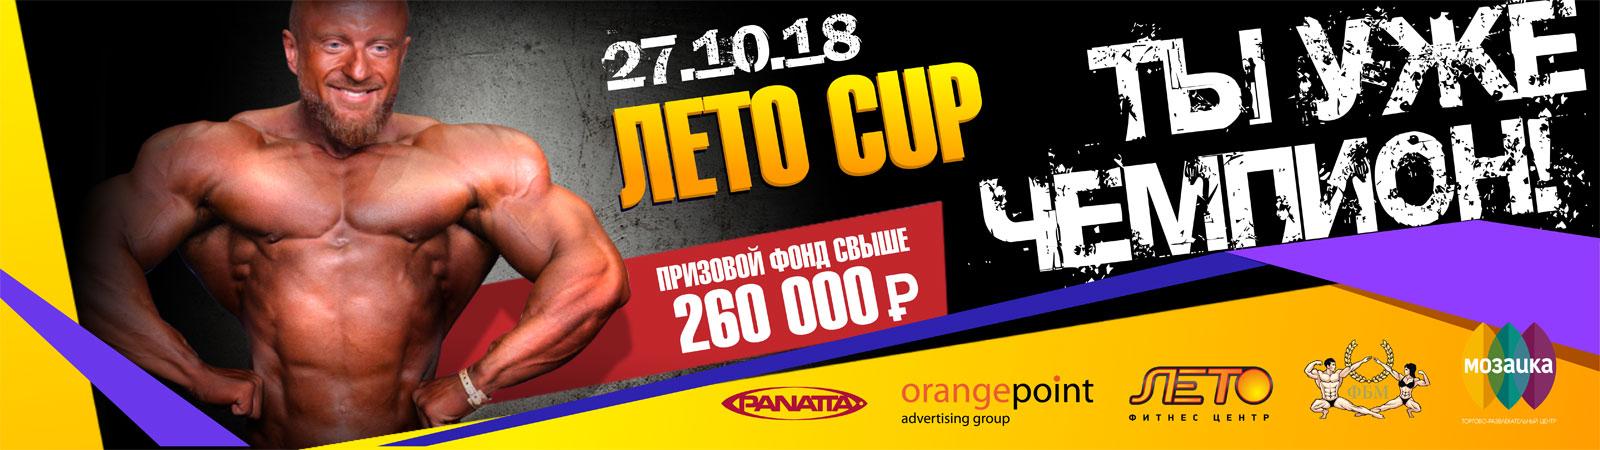 Лето CUP